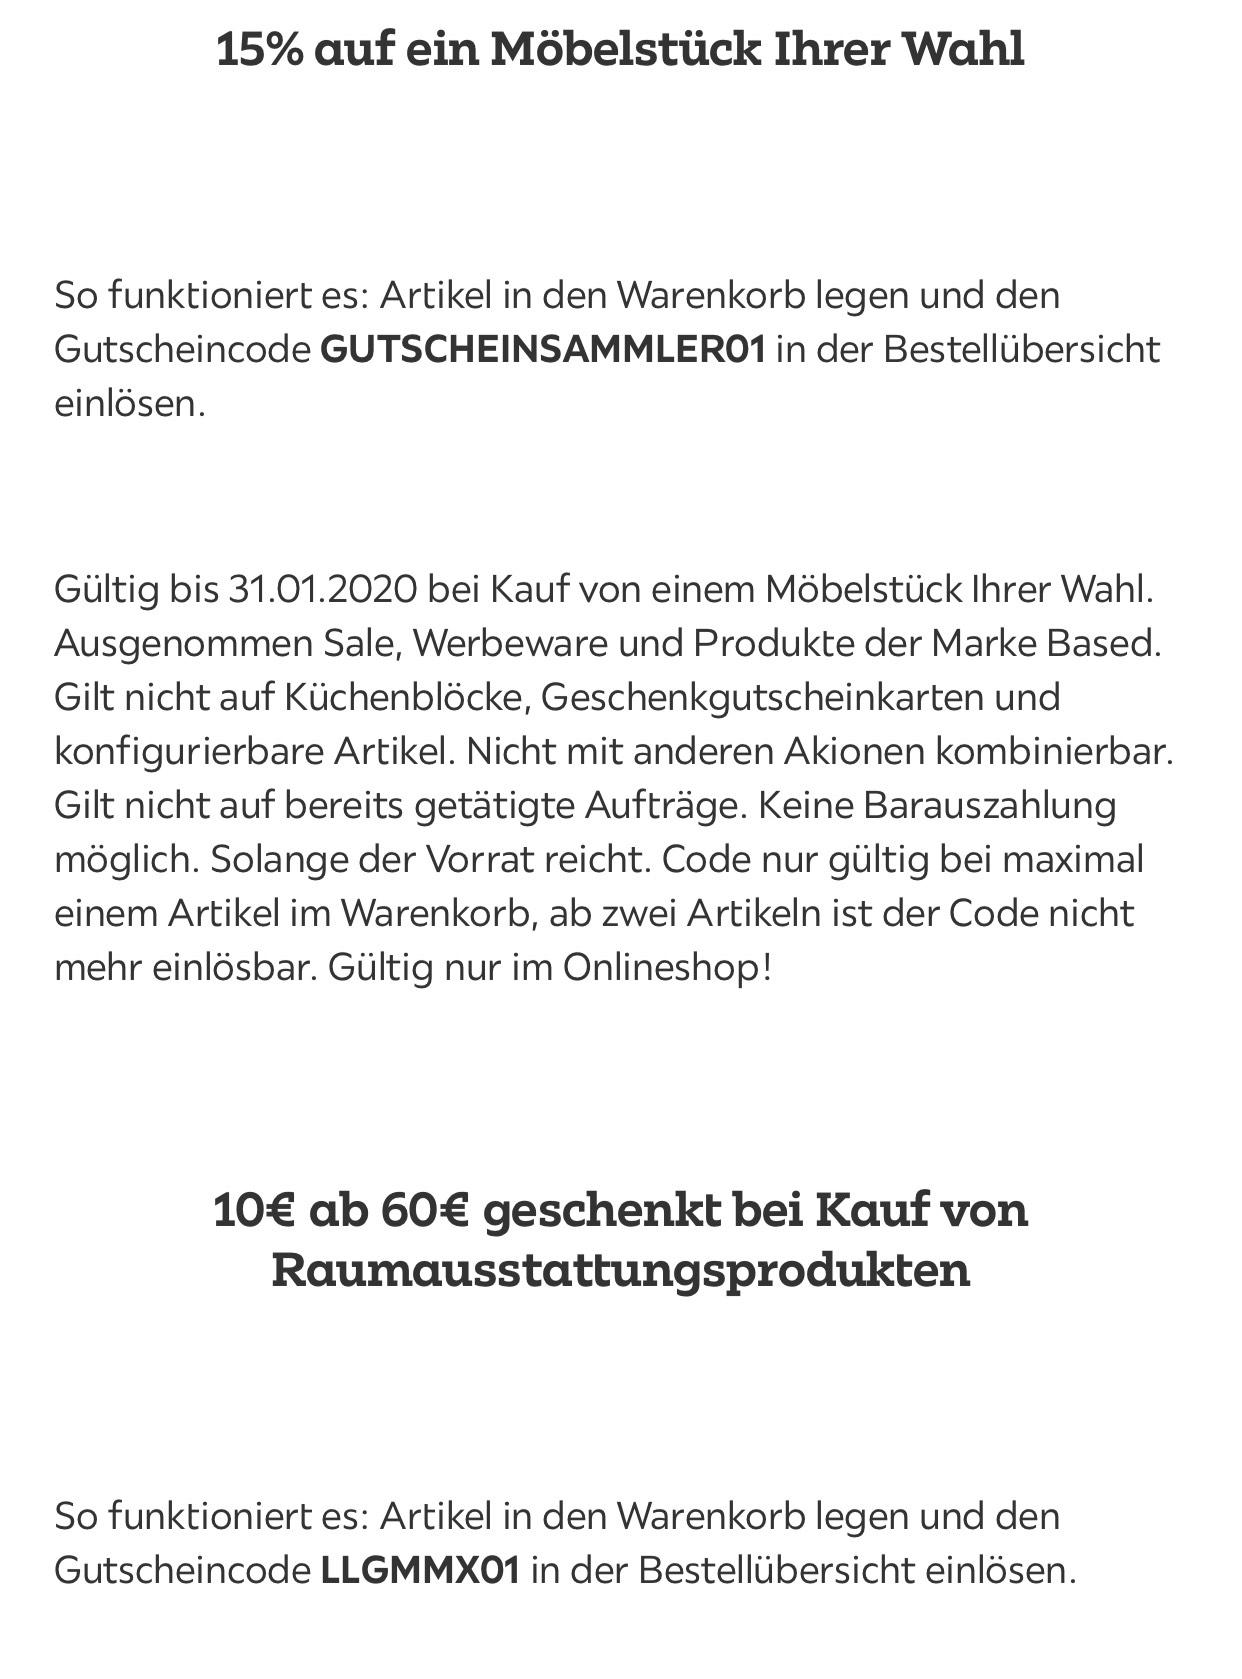 MÖMAX 15% / 10€ ab 60€ / 11% Newslettergutschein